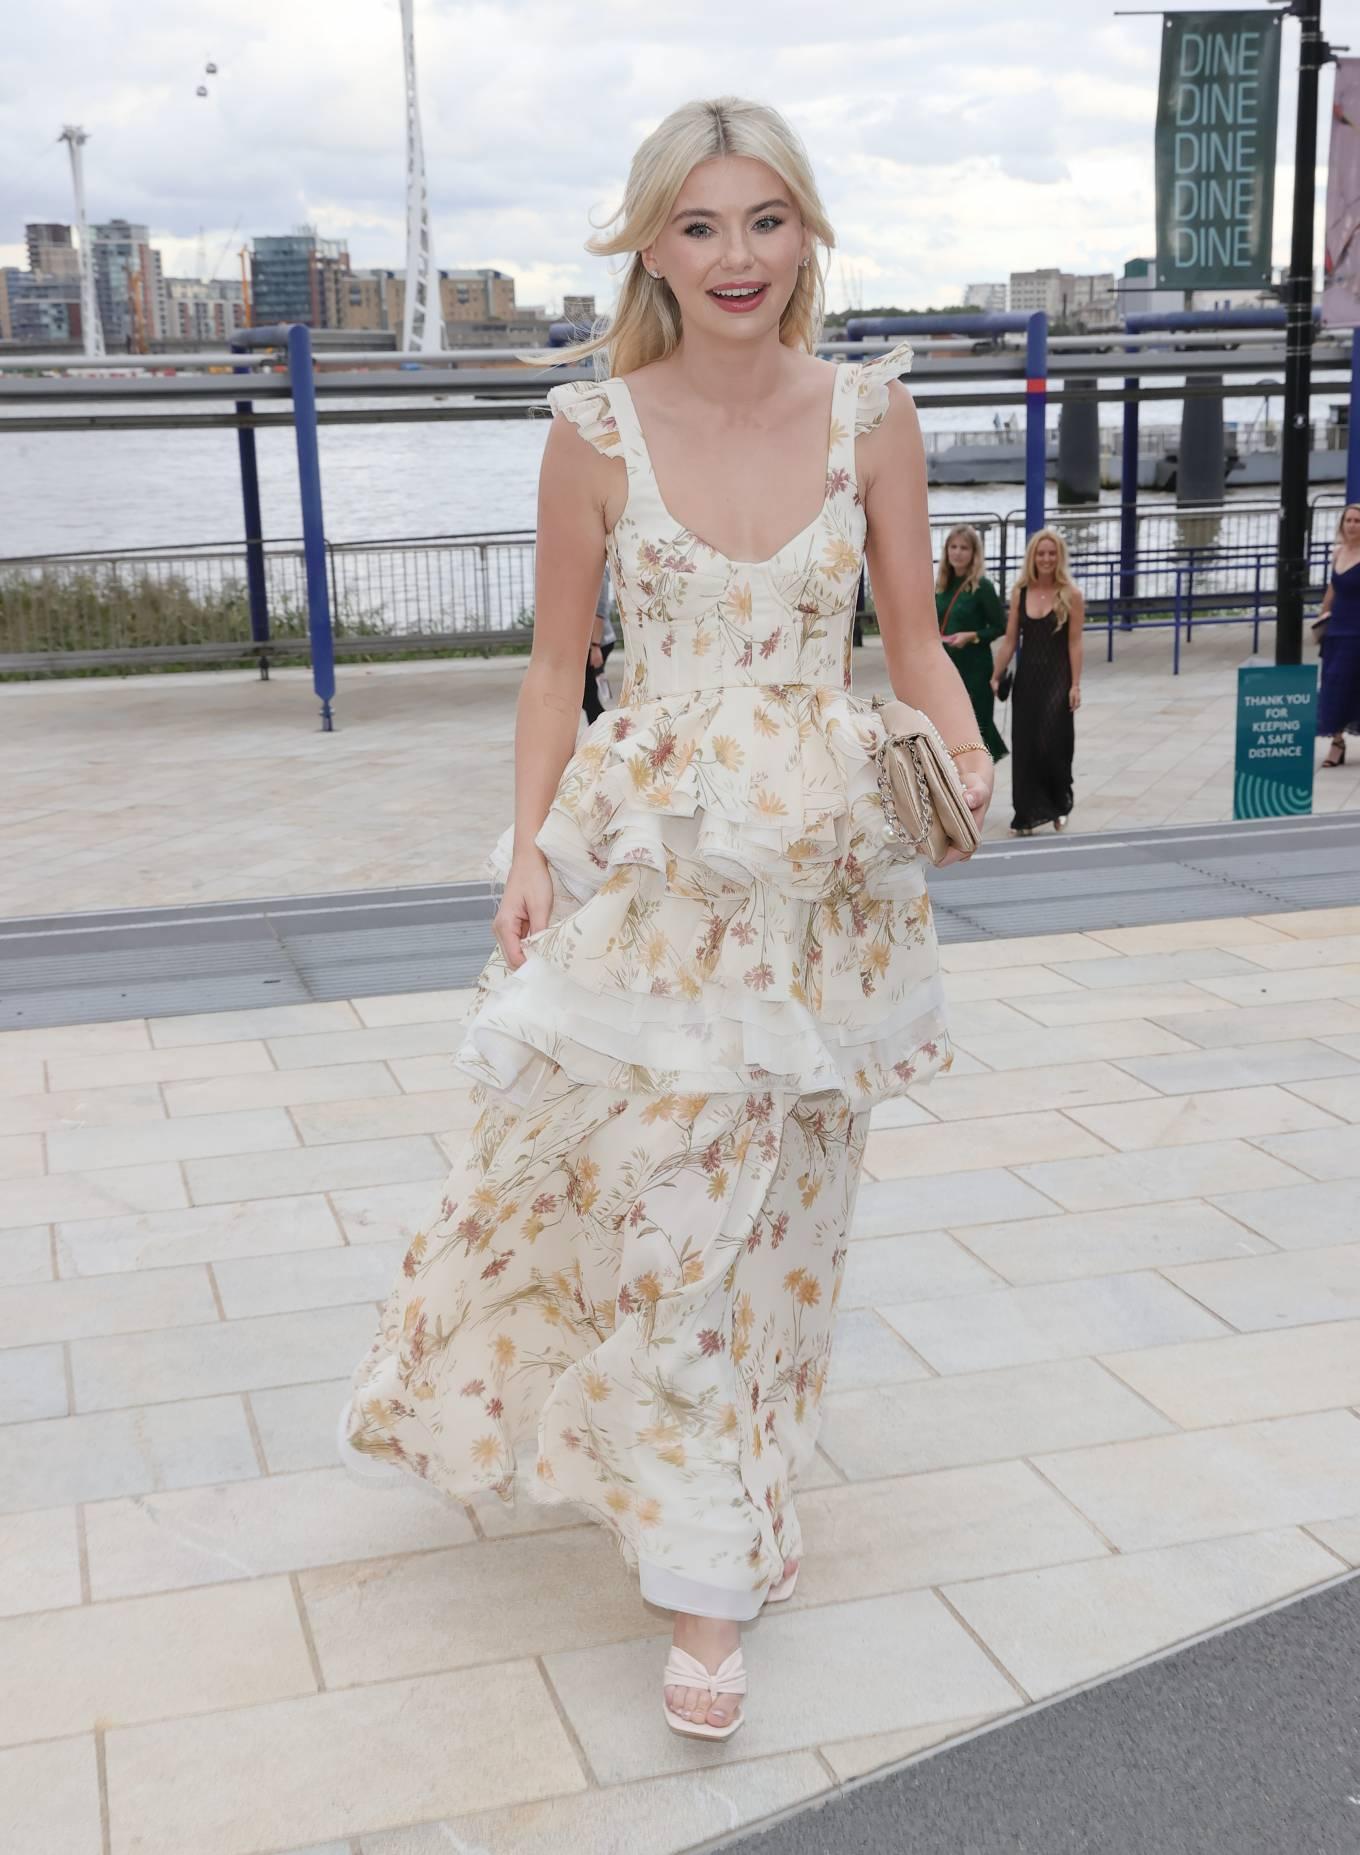 Georgia Toffolo - Posing at the NTA awards in London